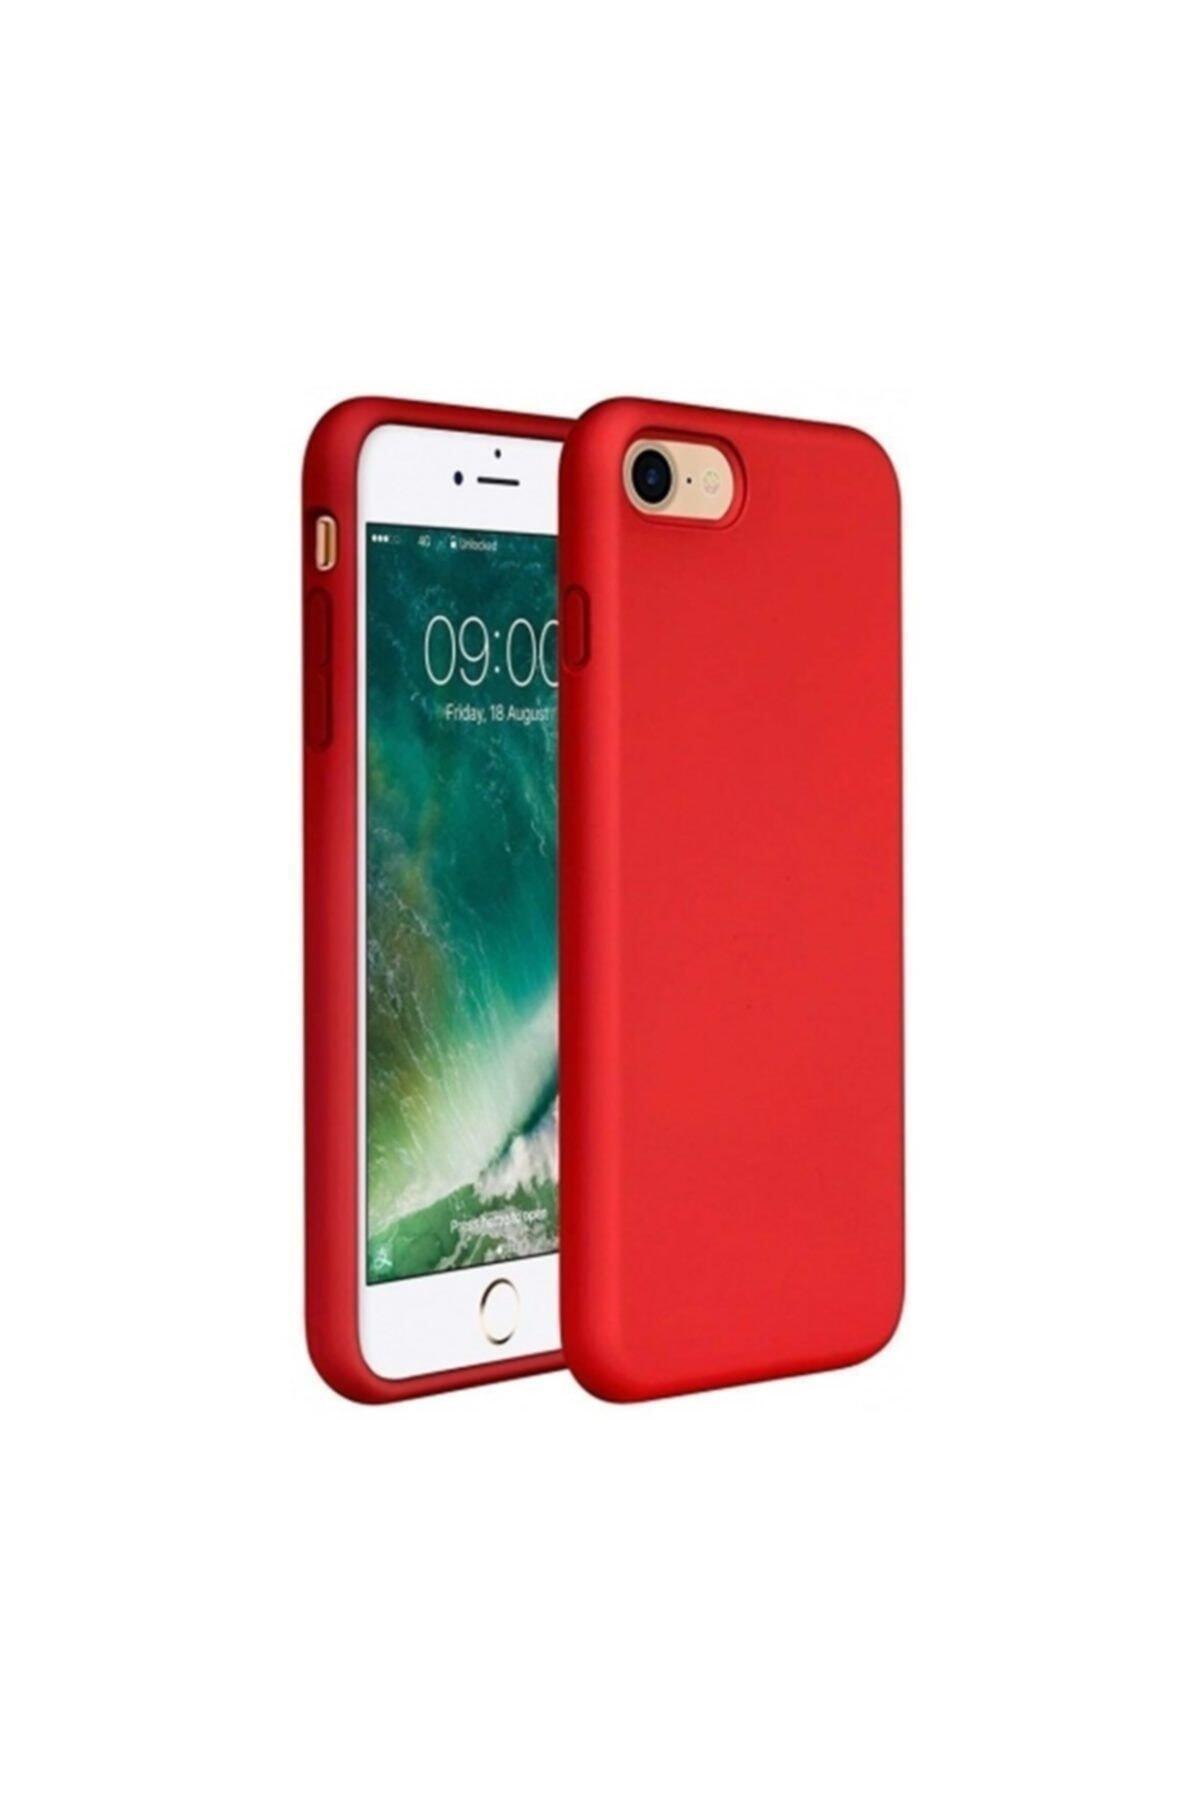 Zengin Çarşım Apple Iphone 7 - 8 Içi Kadife Lansman Silikon Kılıf Kırmızı 1